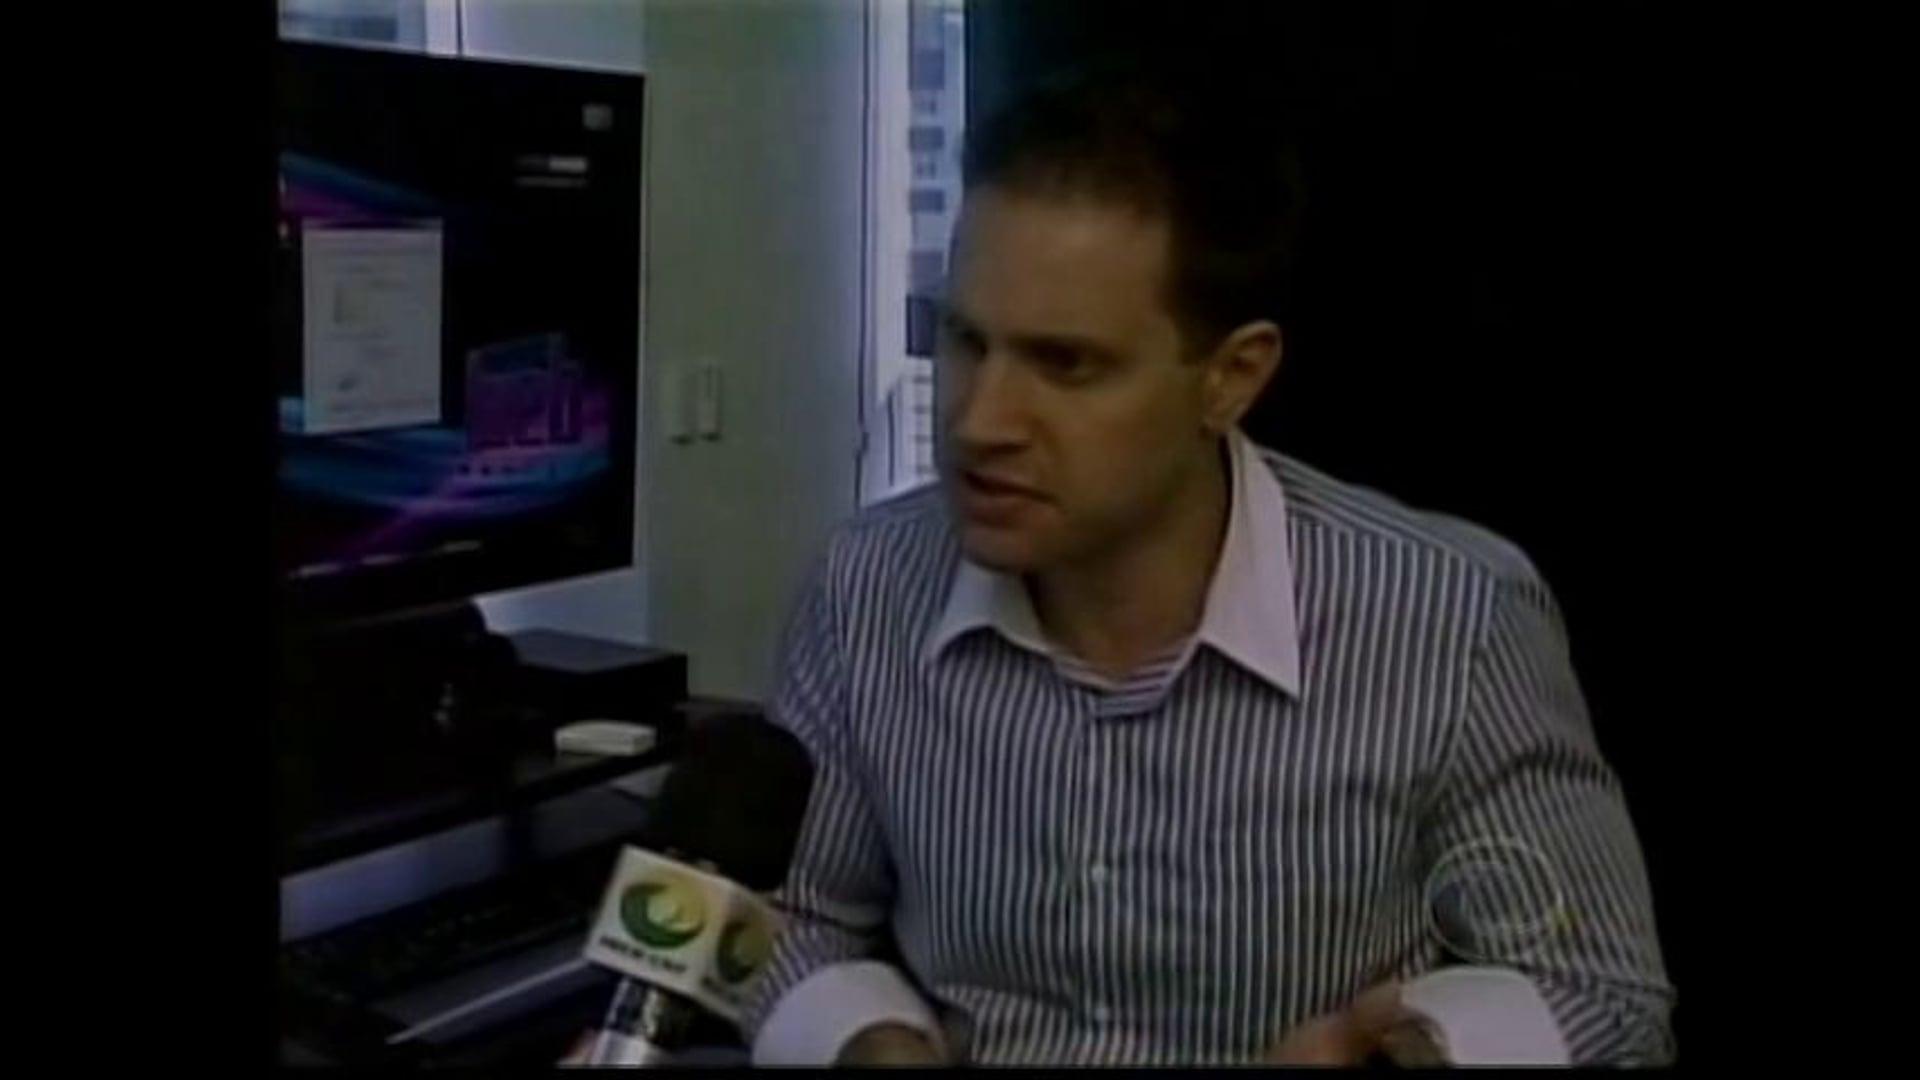 Antonio Borba fala sobre vagas de emprego nas redes sociais ao CNT Jornal - 12/11/2012